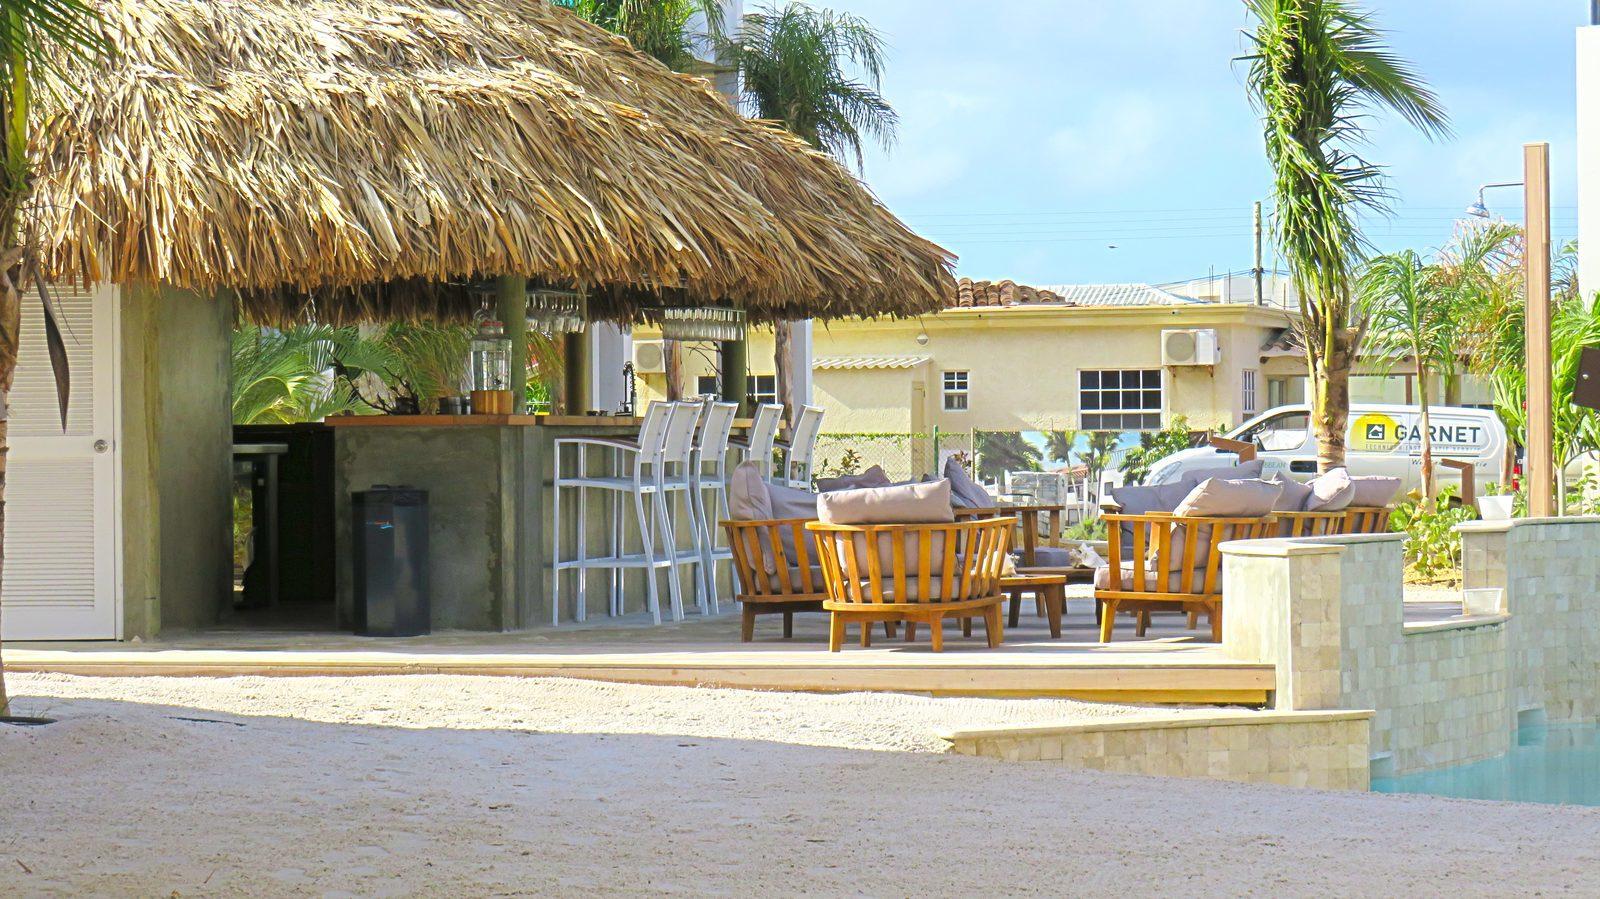 Procura uma casa para alugar em Bonaire? Veja no Resort Bonaire.